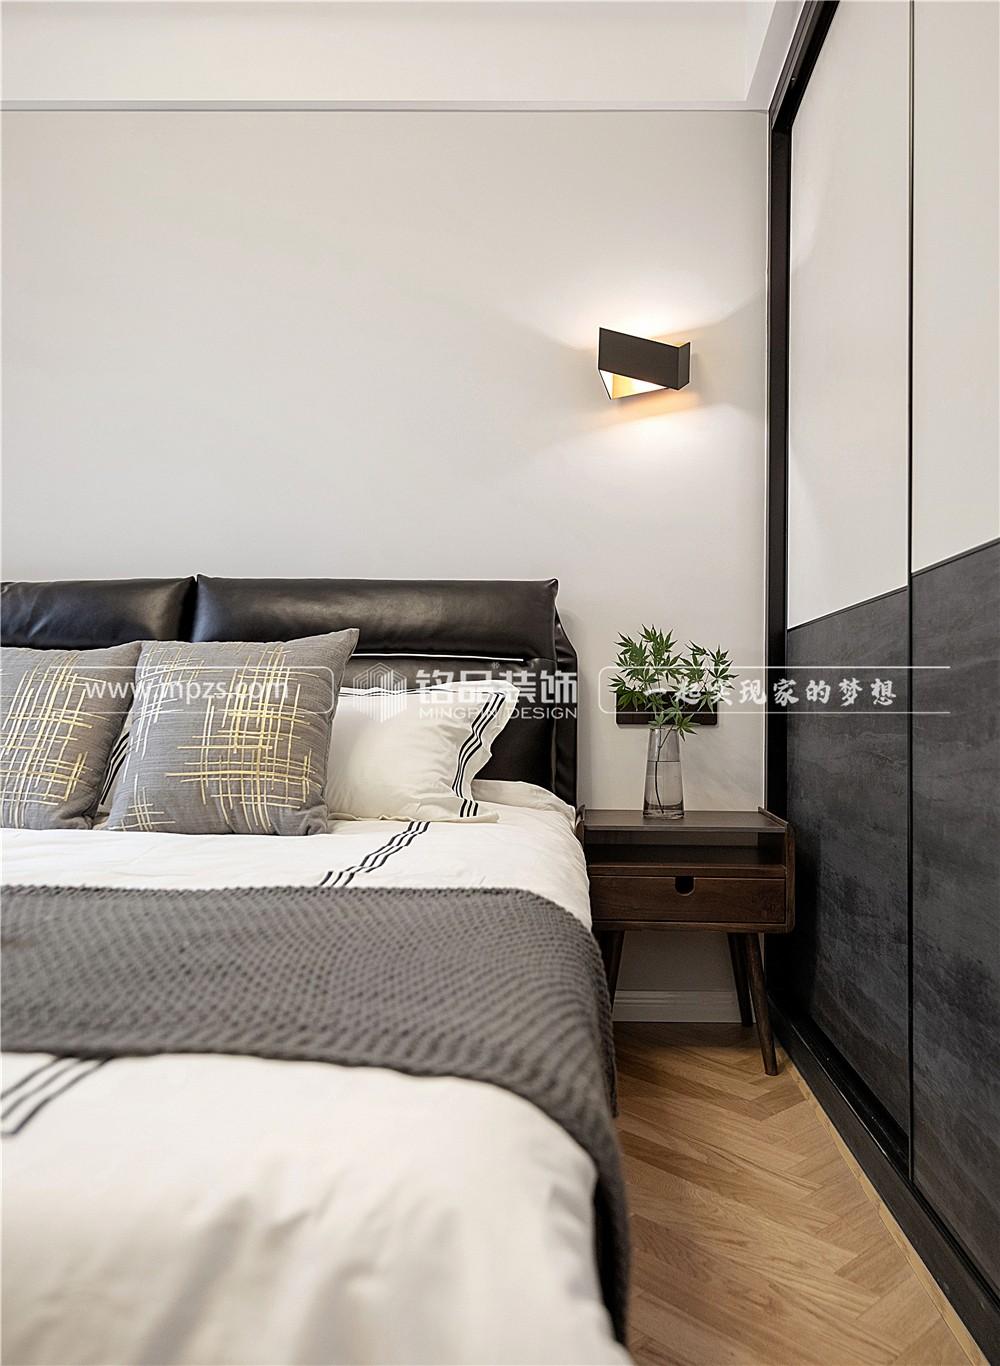 杭州79平方米现代风格公寓装修案例_效果图